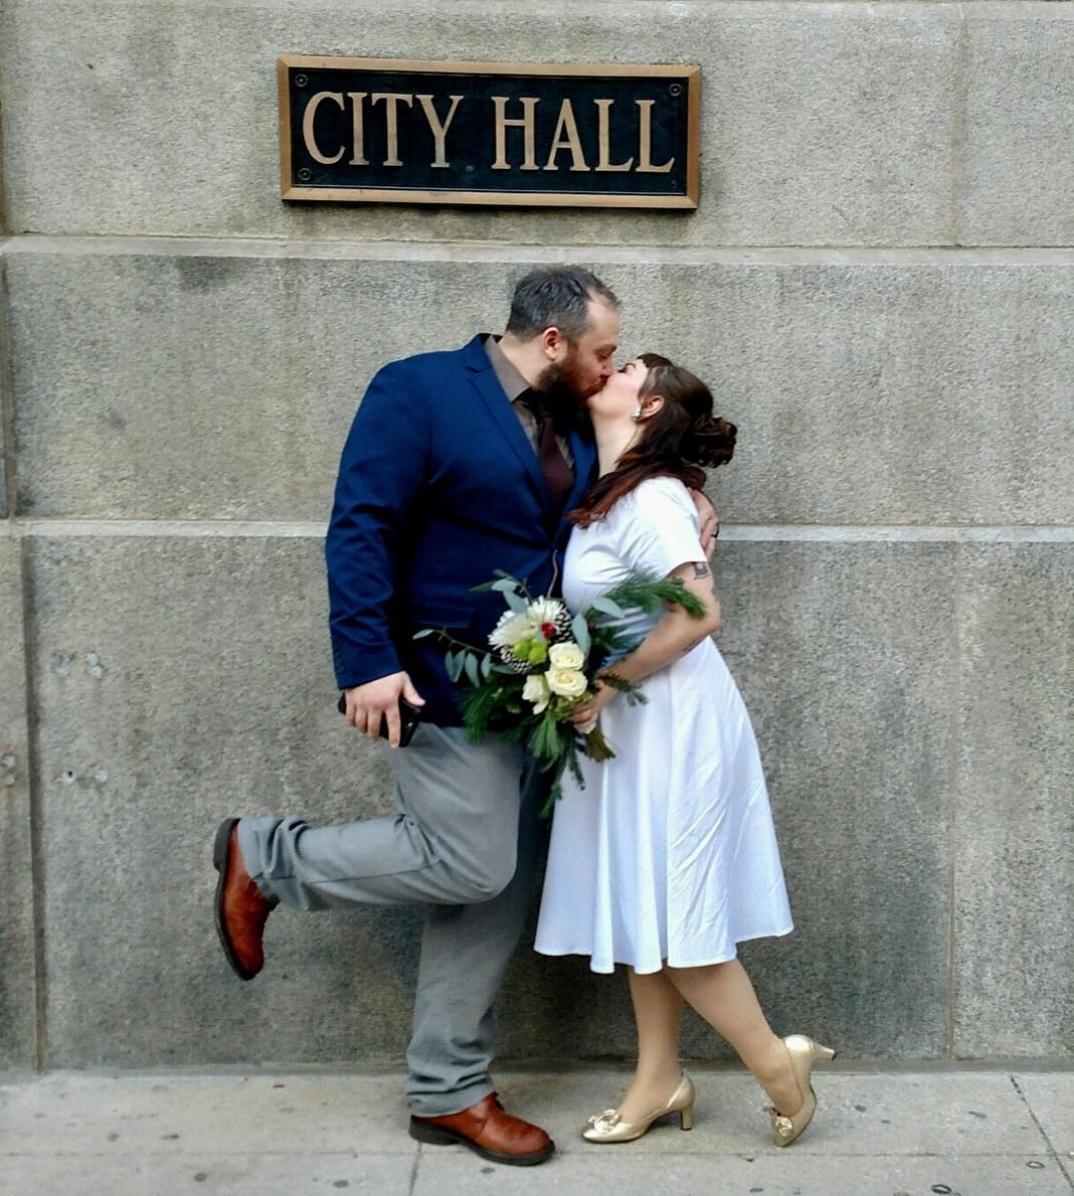 wedding photo.jpeg